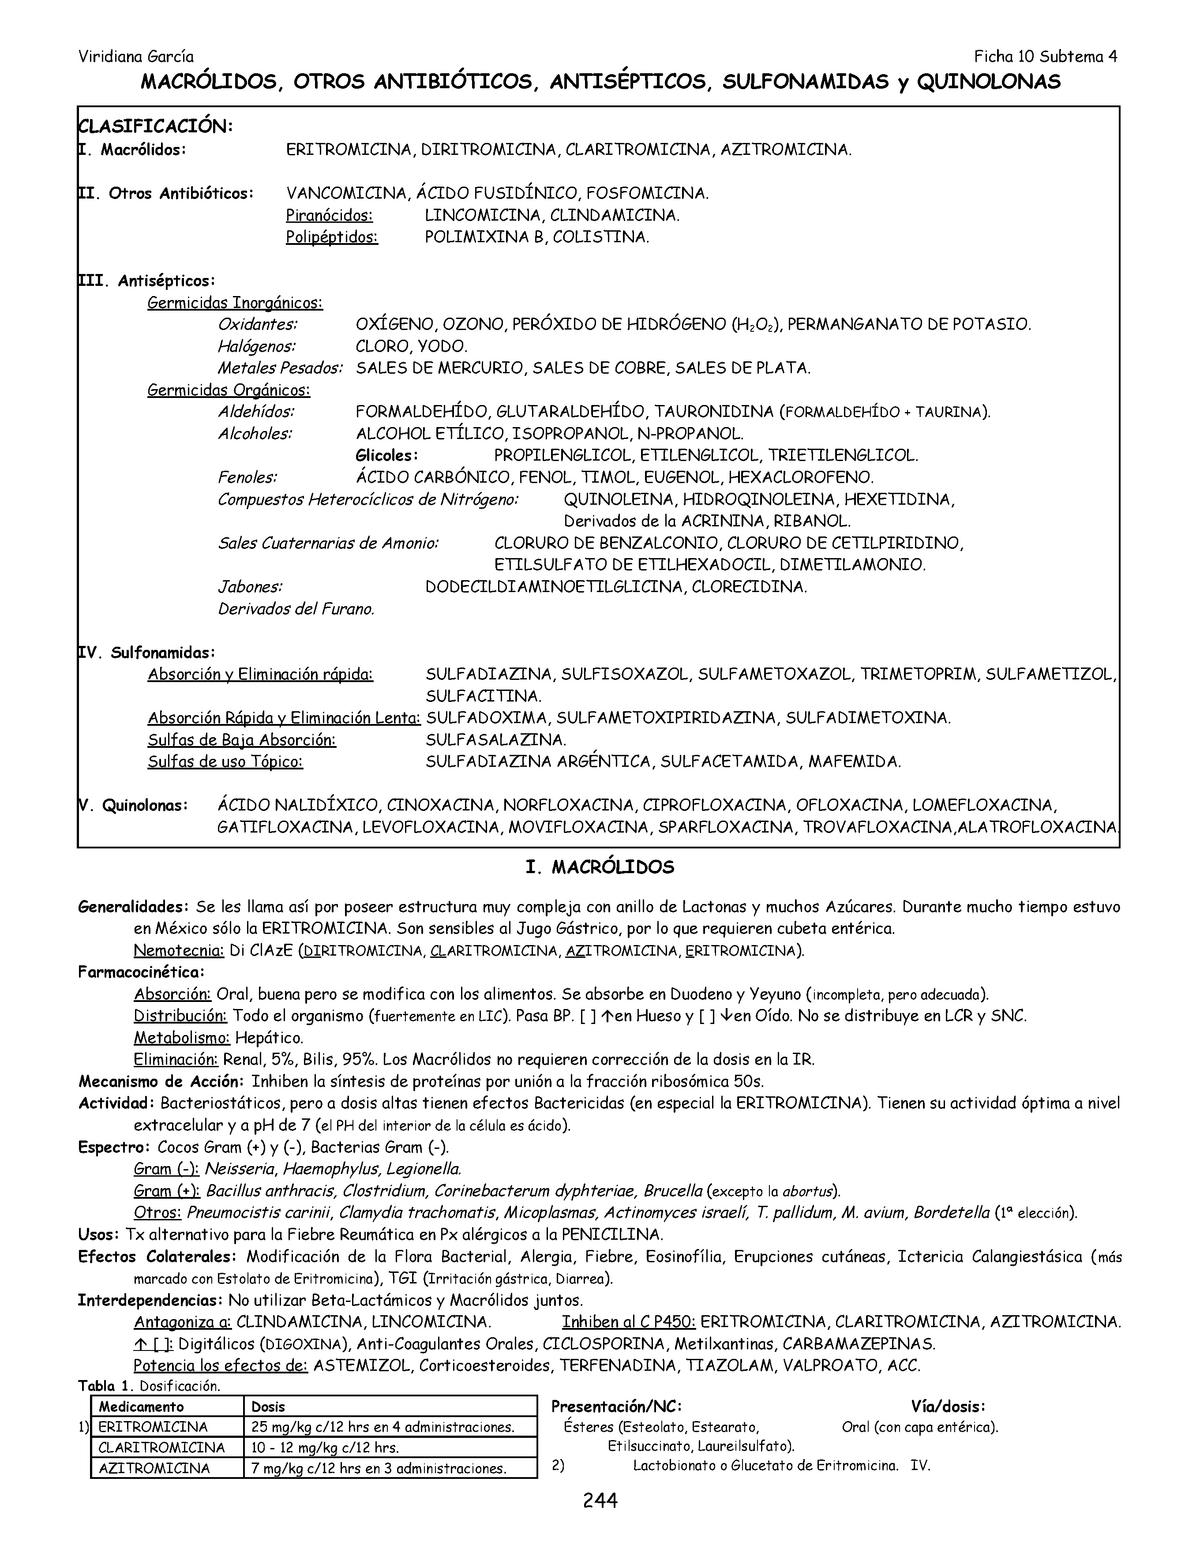 Ficha 10 Sub4 Macrolidos Otros Antisepticos Sulfas Y Quin